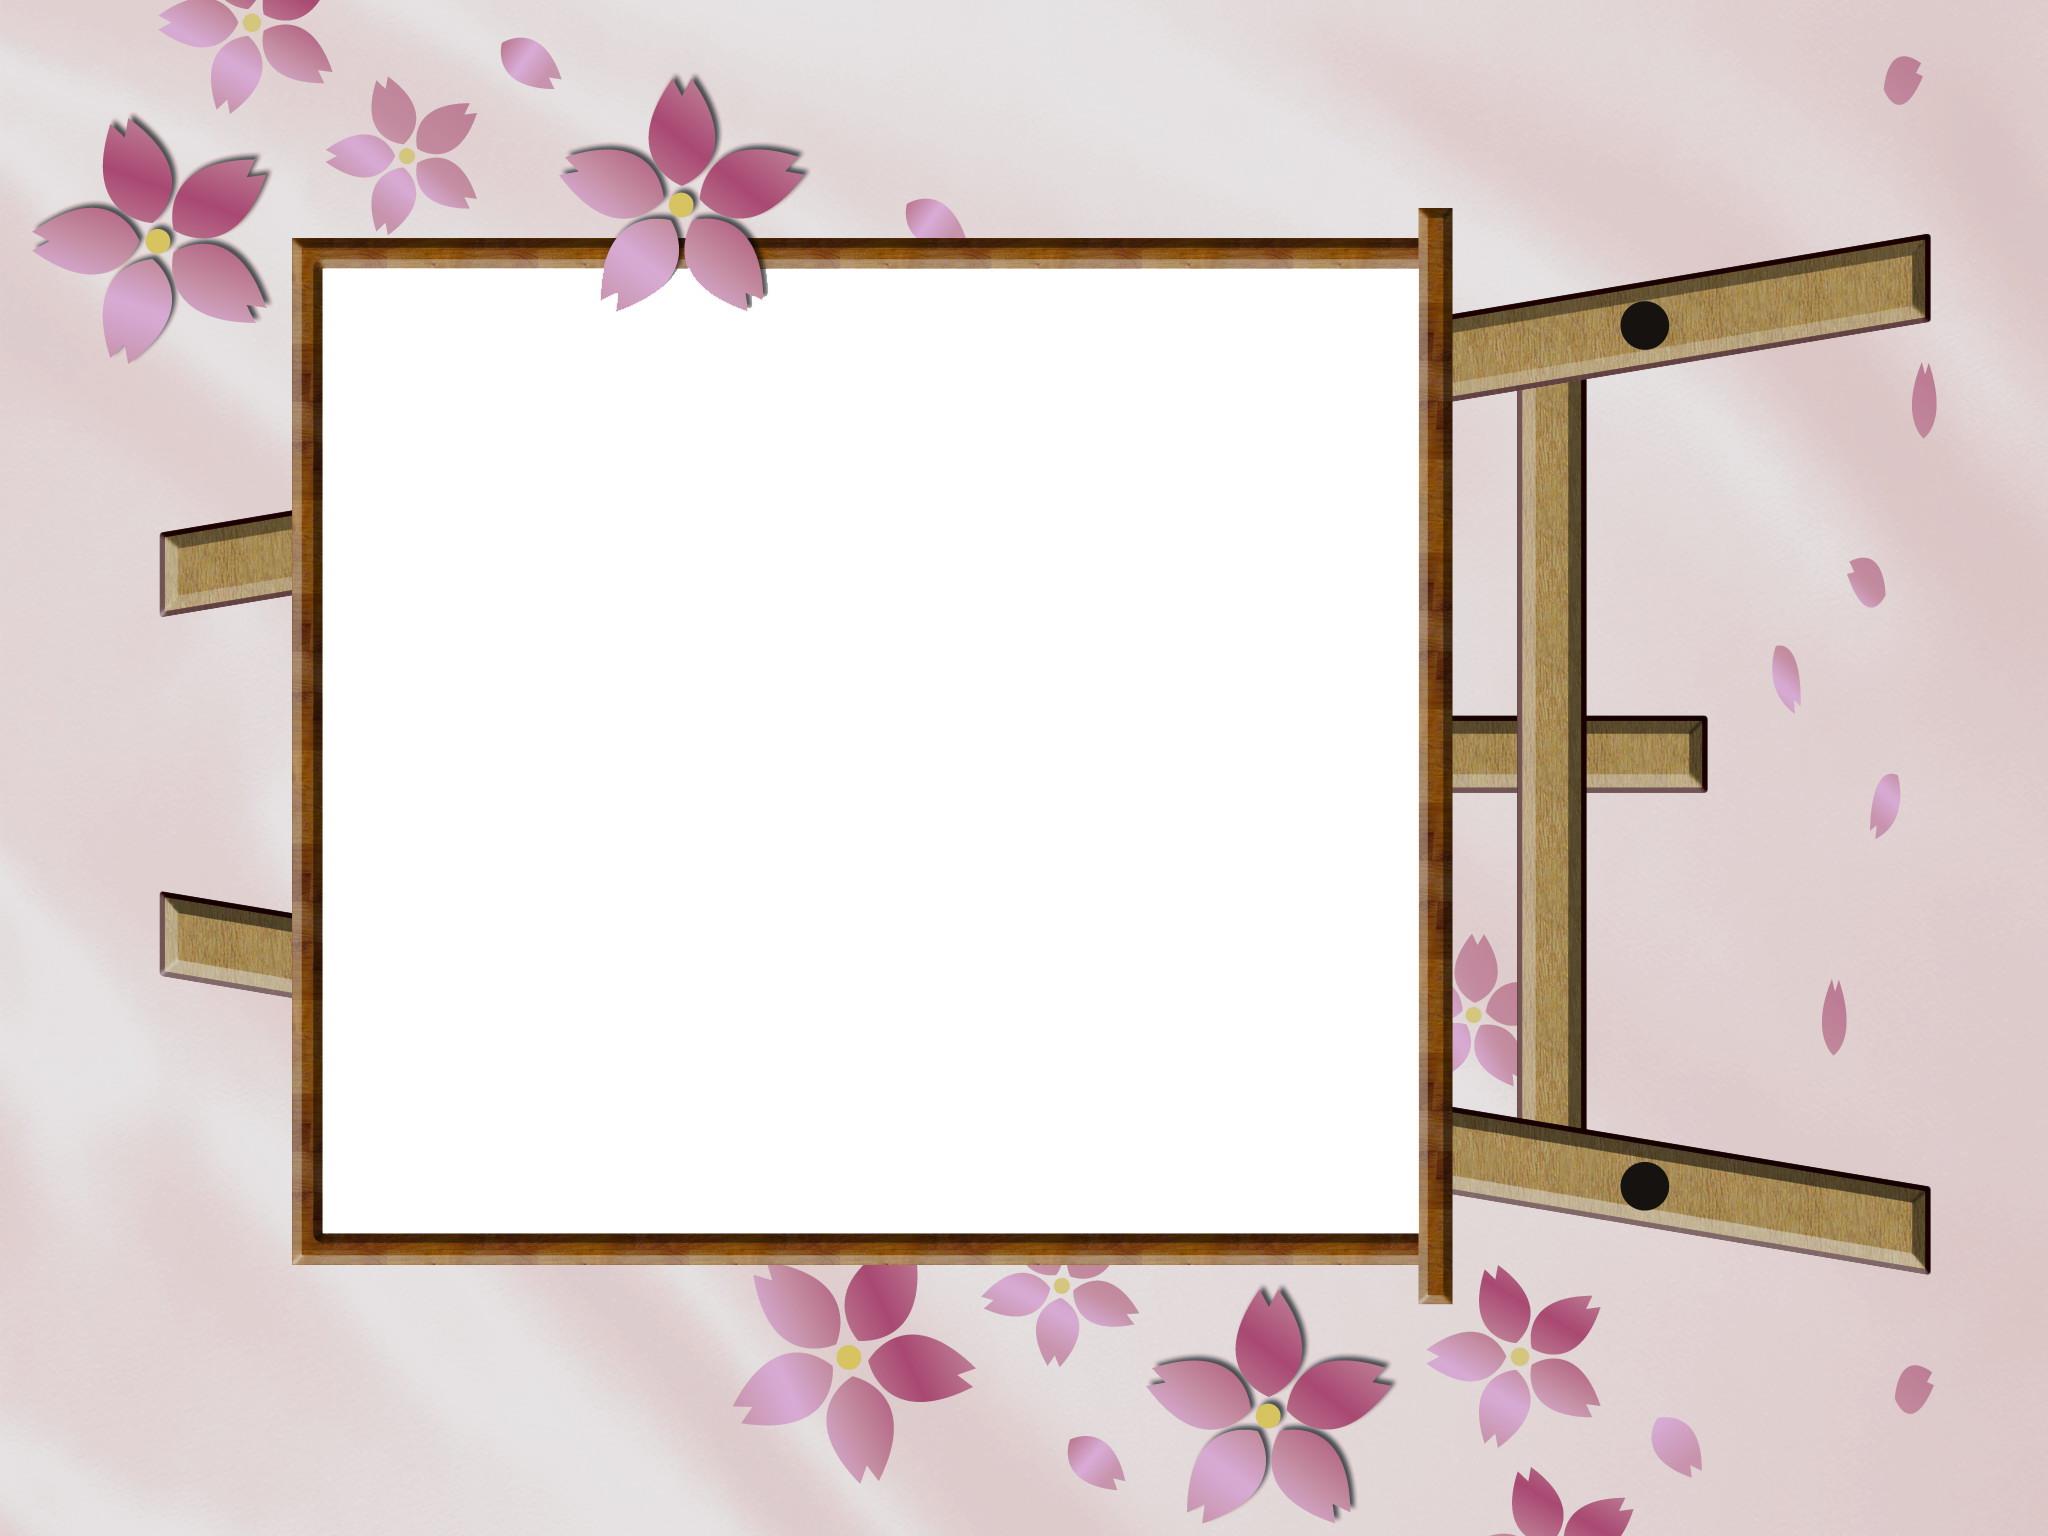 照片边框01(20P)[中国PhotoShop资源网|PS教程|PSD模板|照片处理|PS素材|背景图片|字体下载|PS笔刷下载]